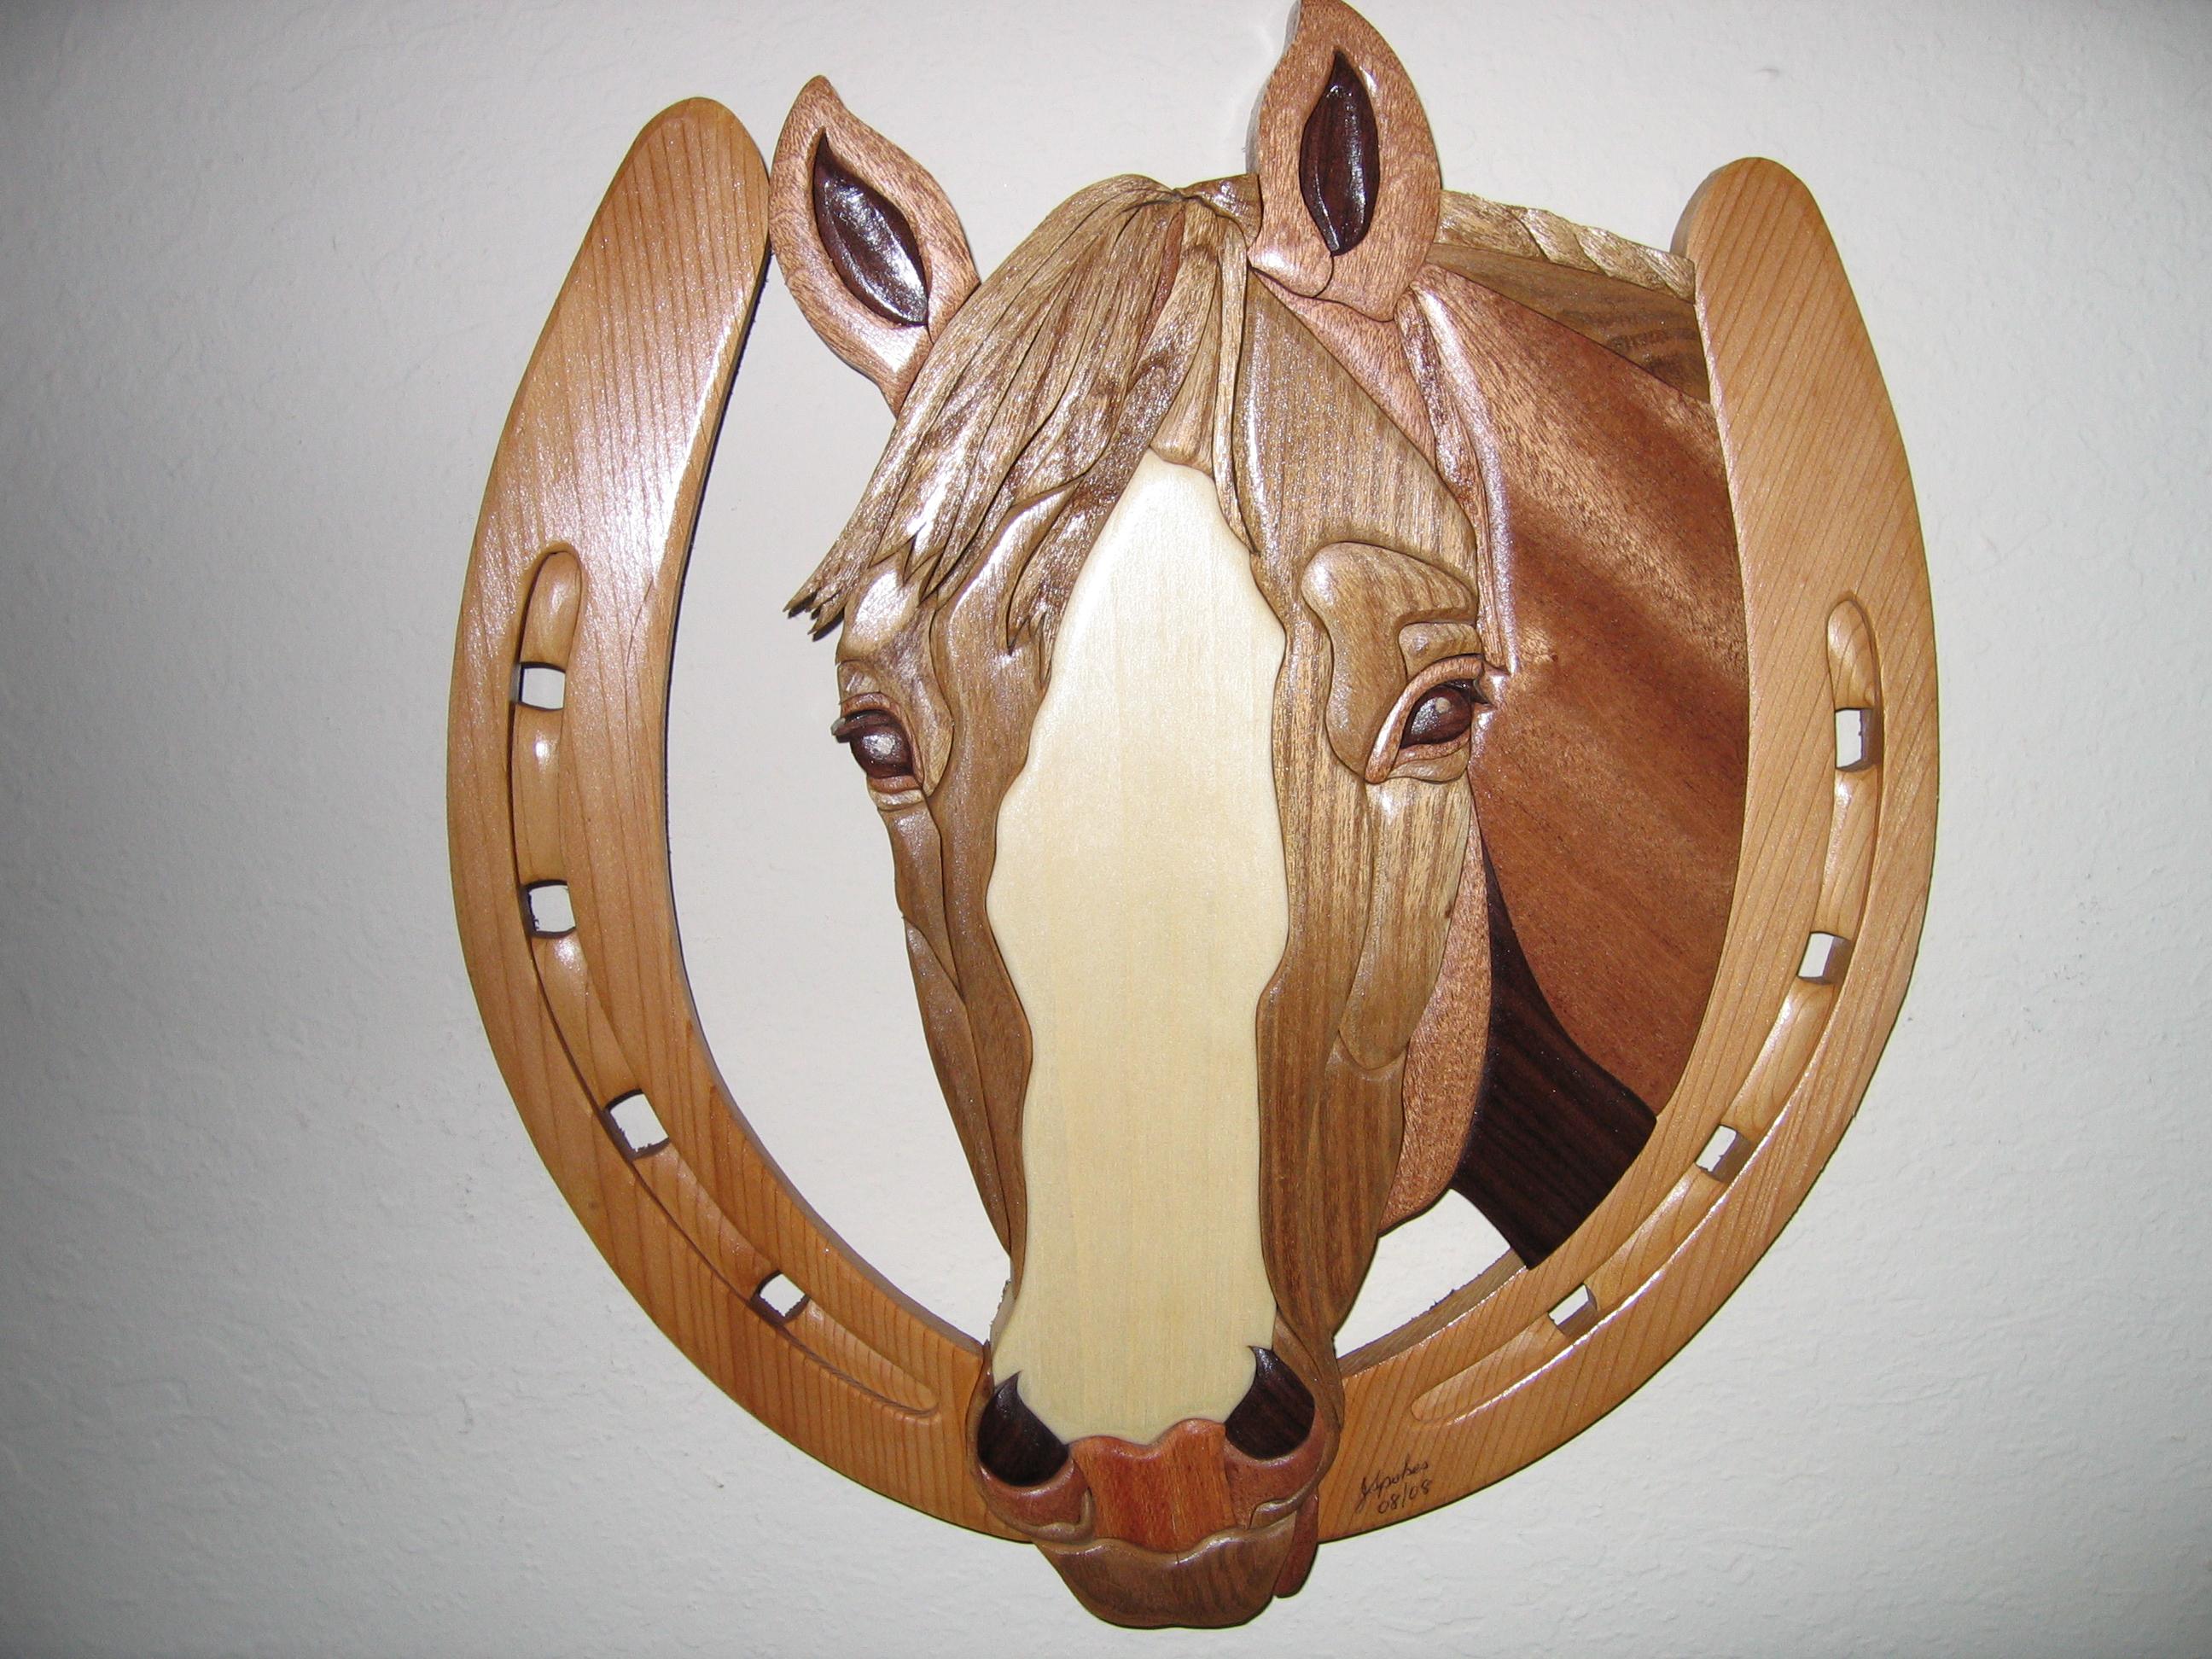 Horse Shoe Sizes